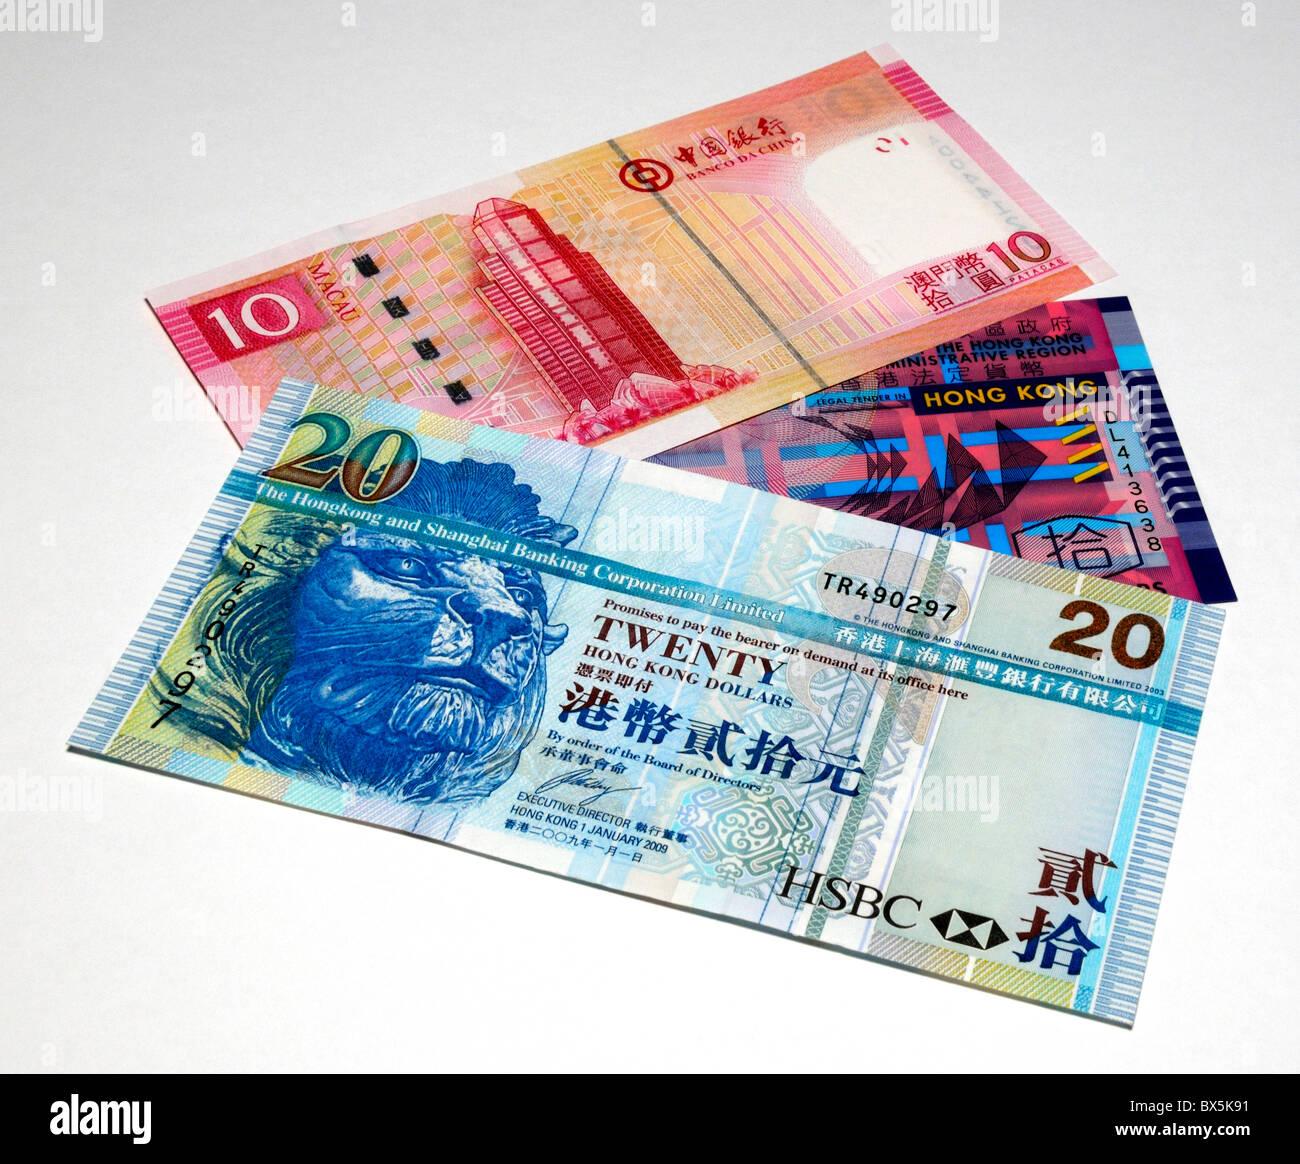 Hong Kong and Macao Bank Notes. - Stock Image